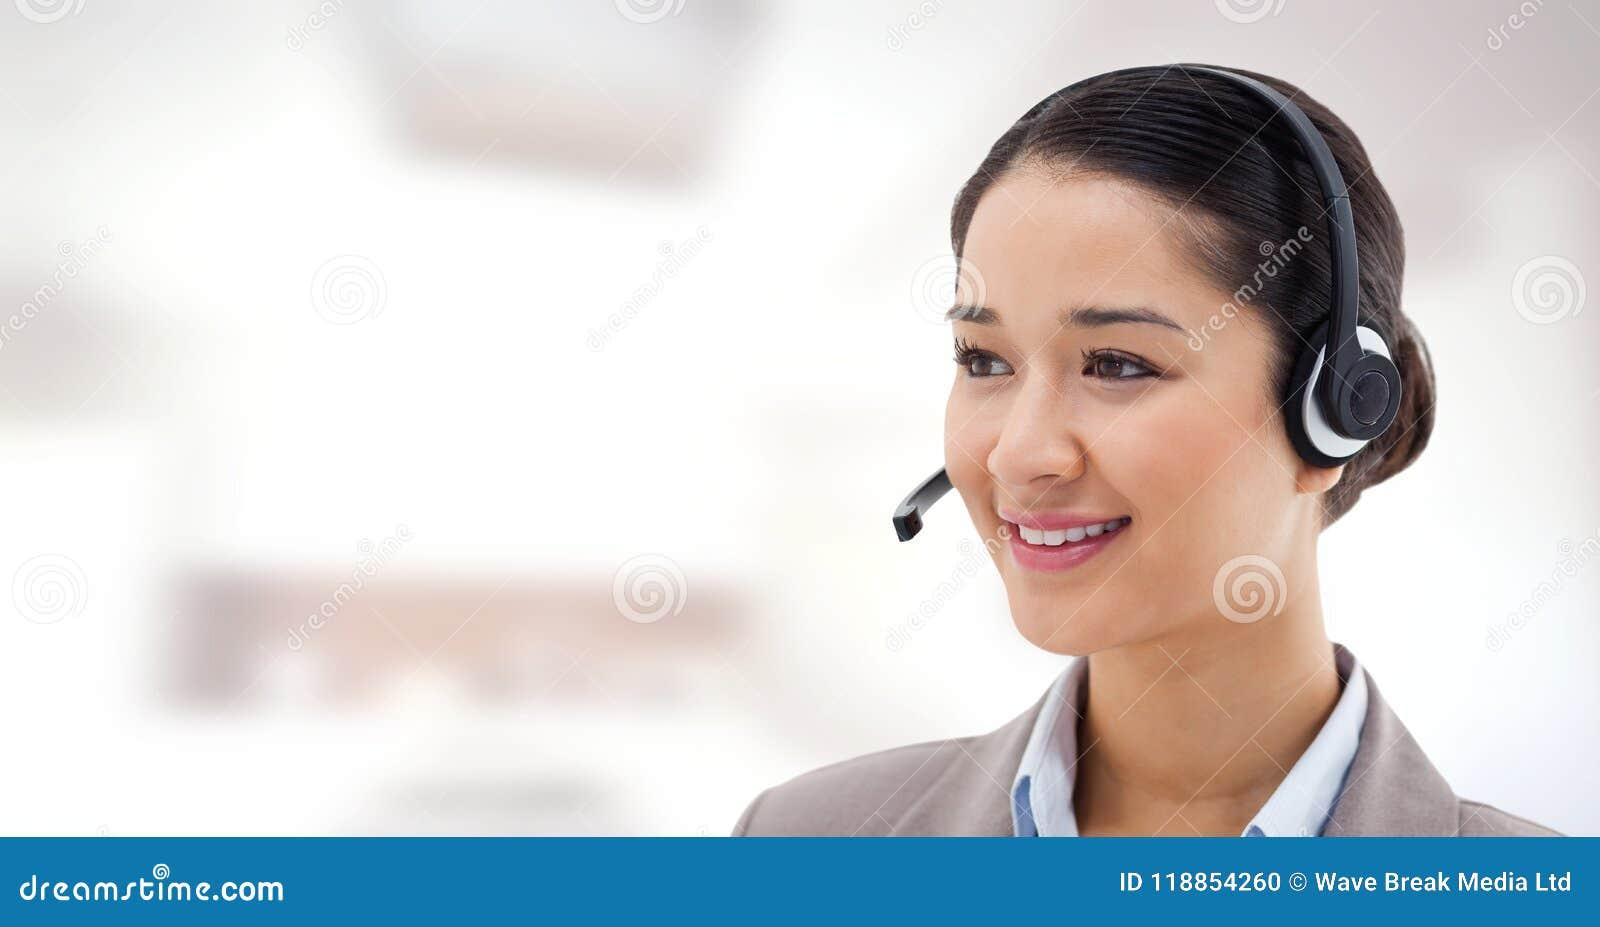 Γυναίκα εξυπηρέτησης πελατών με το φωτεινό υπόβαθρο στο τηλεφωνικό κέντρο